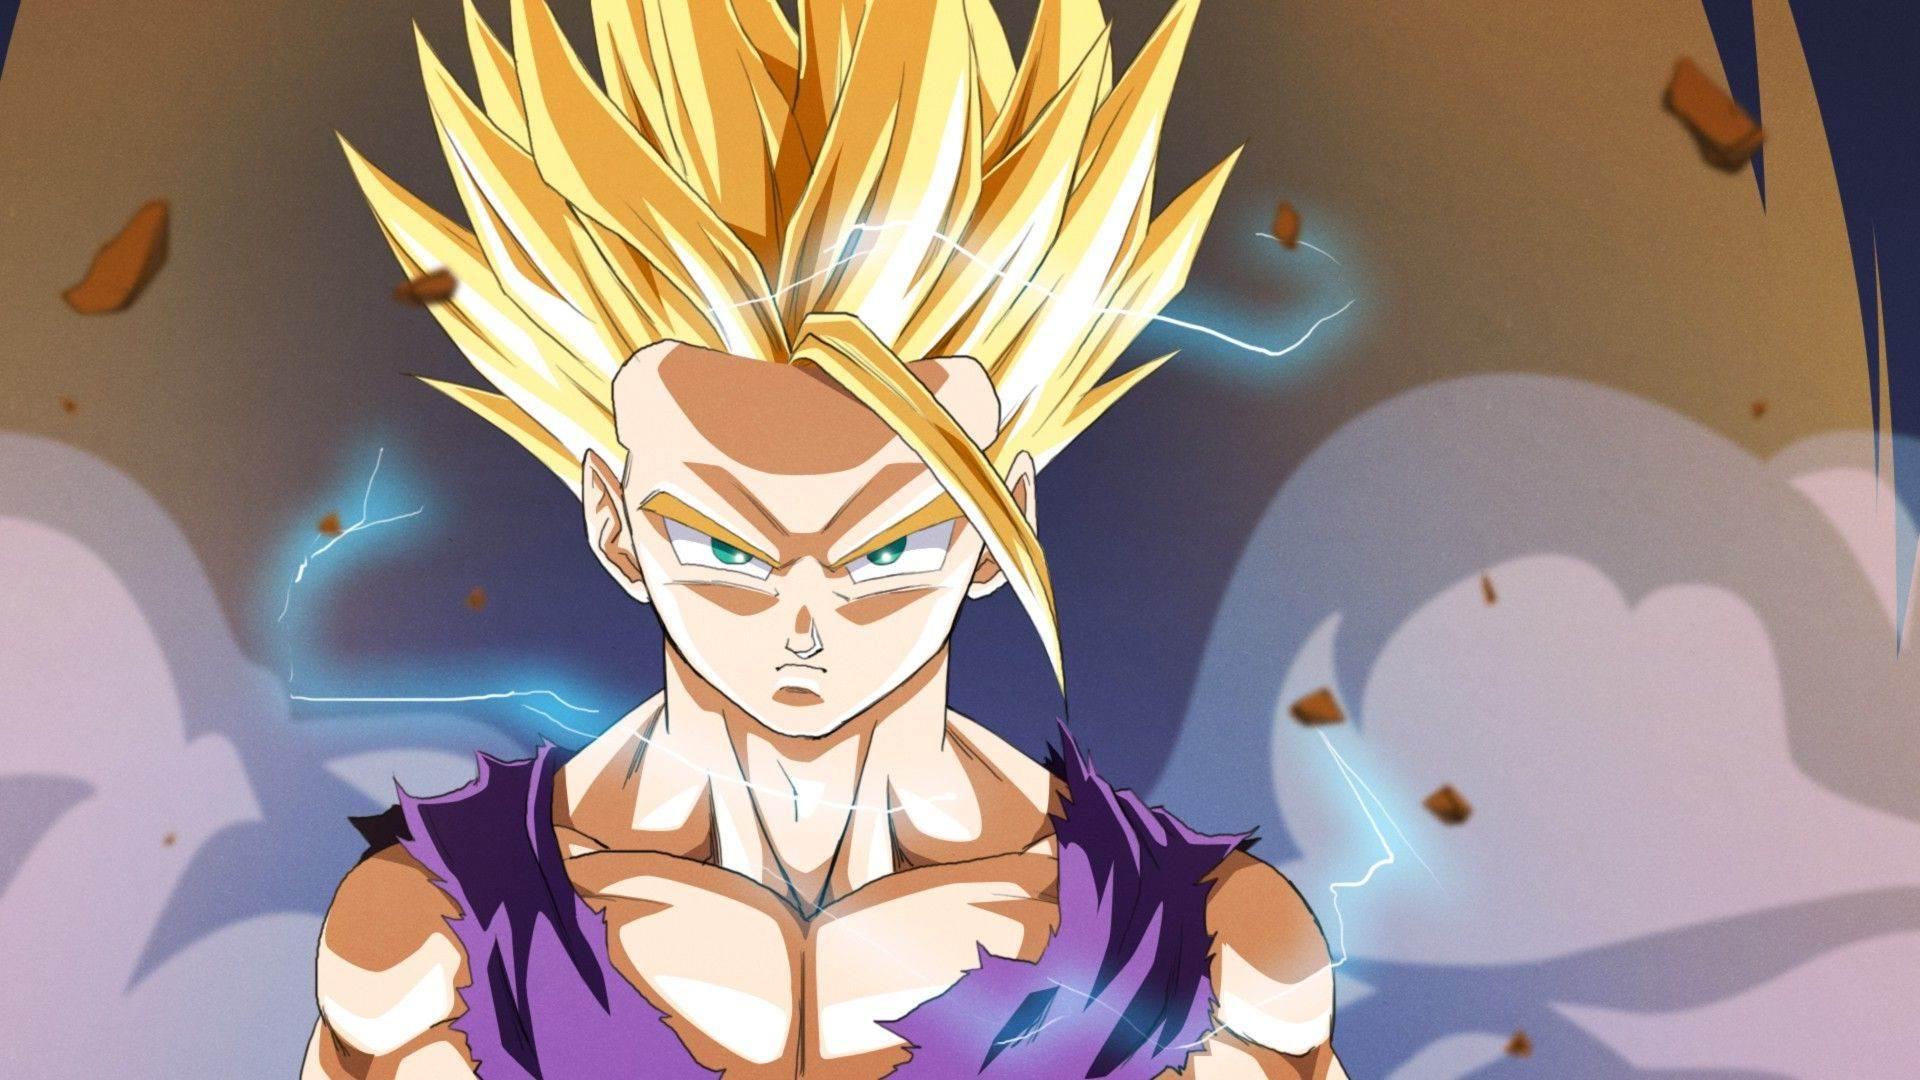 Goku Super Saiyan Hd Wallpapers Group 1920x1080